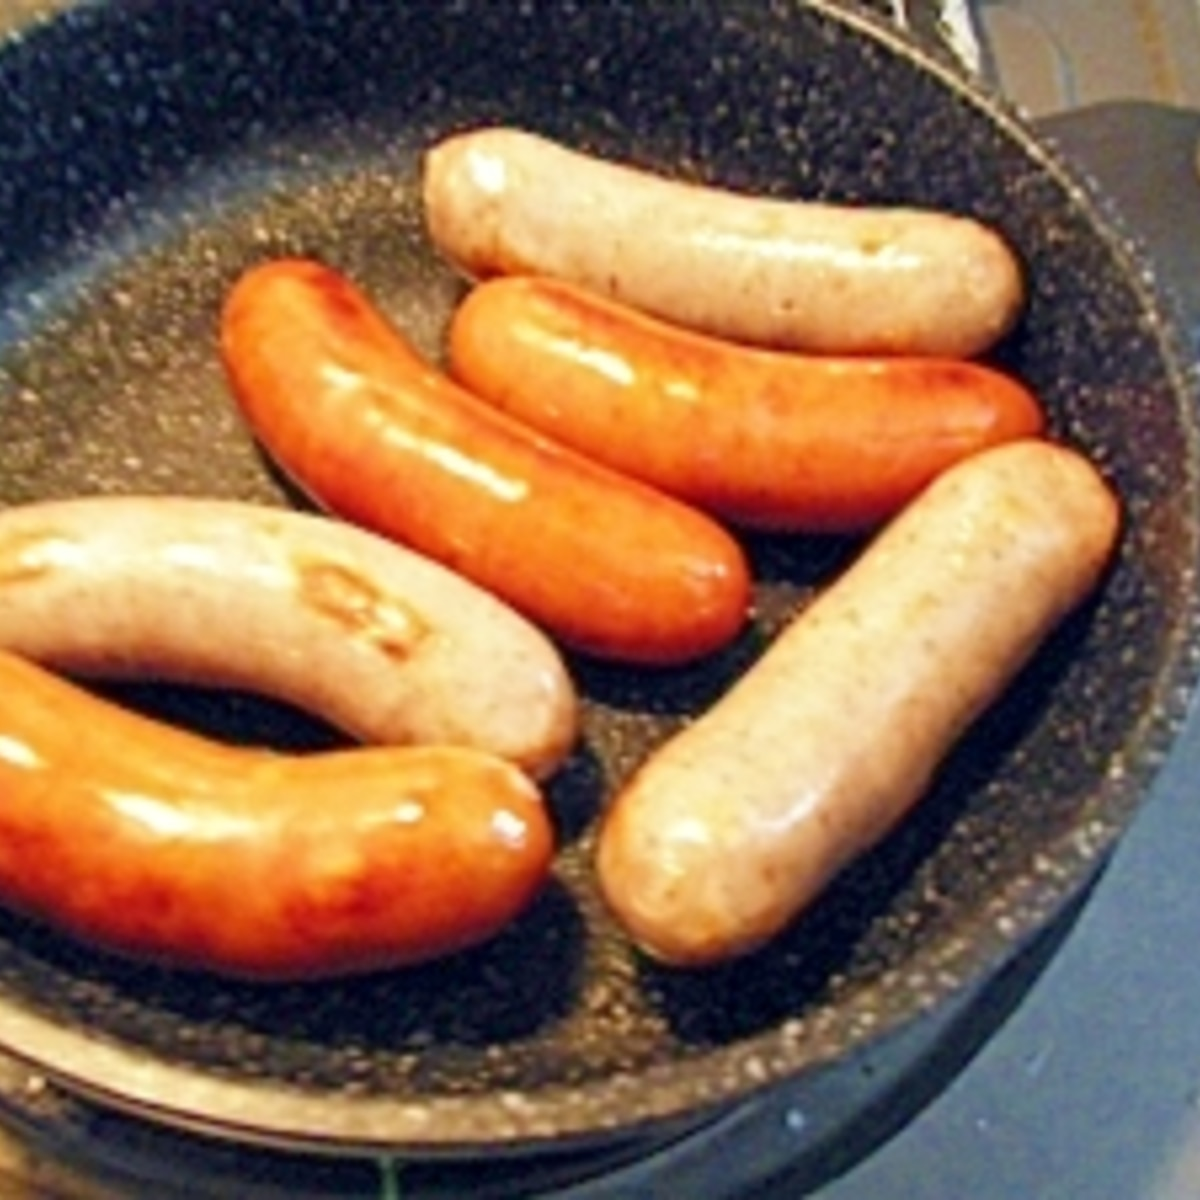 絶対美味しいウインナーの焼き方! レシピ・作り方 by YUMMO|楽天レシピ